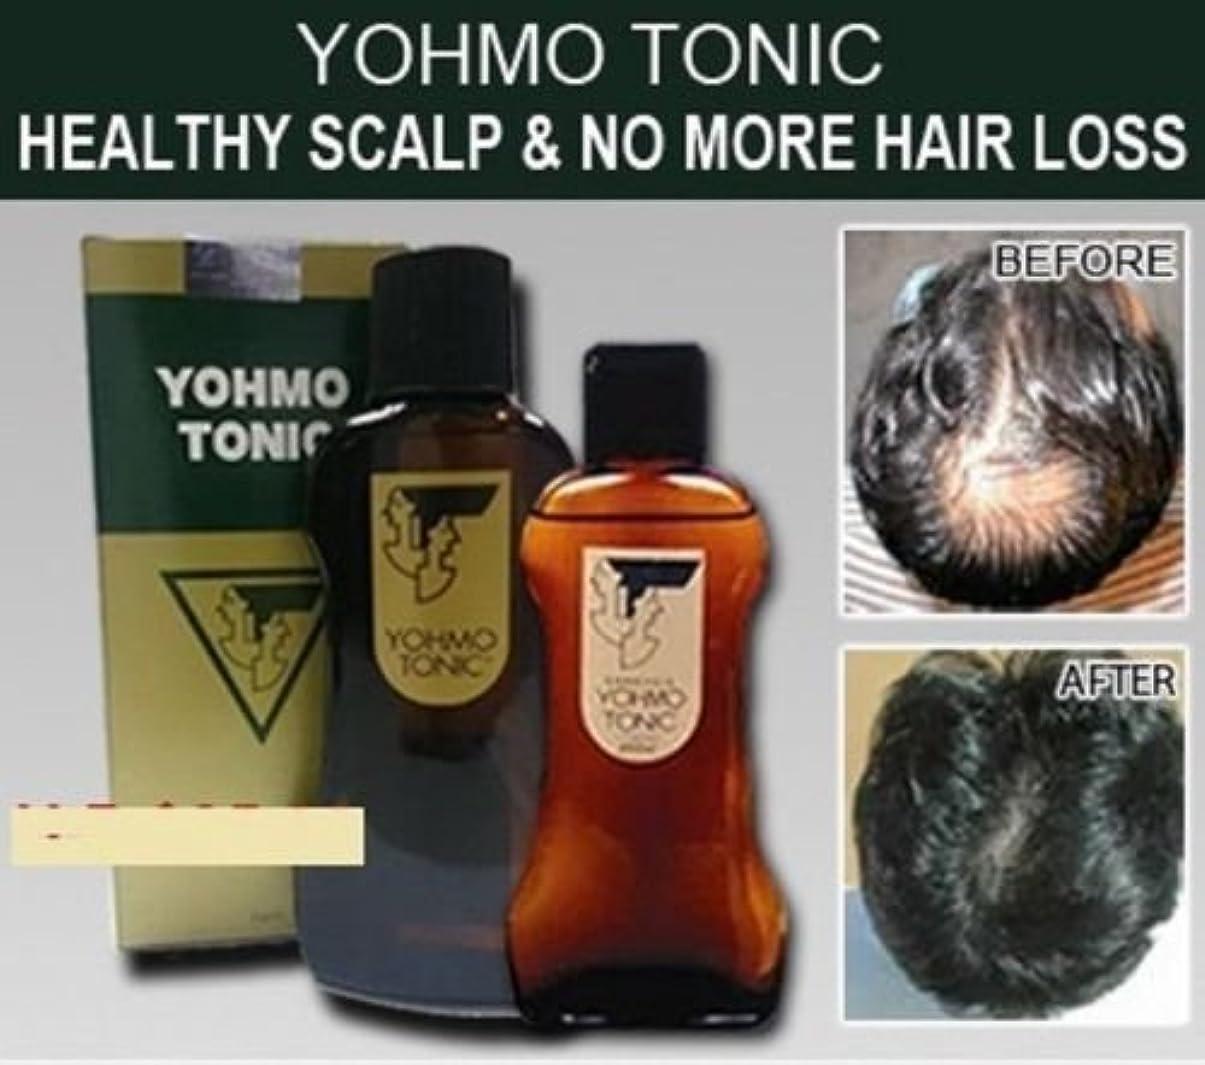 聞く公然と関与するYOHMO 強壮剤200ml 使用する育毛剤外部日本脱毛強壮剤